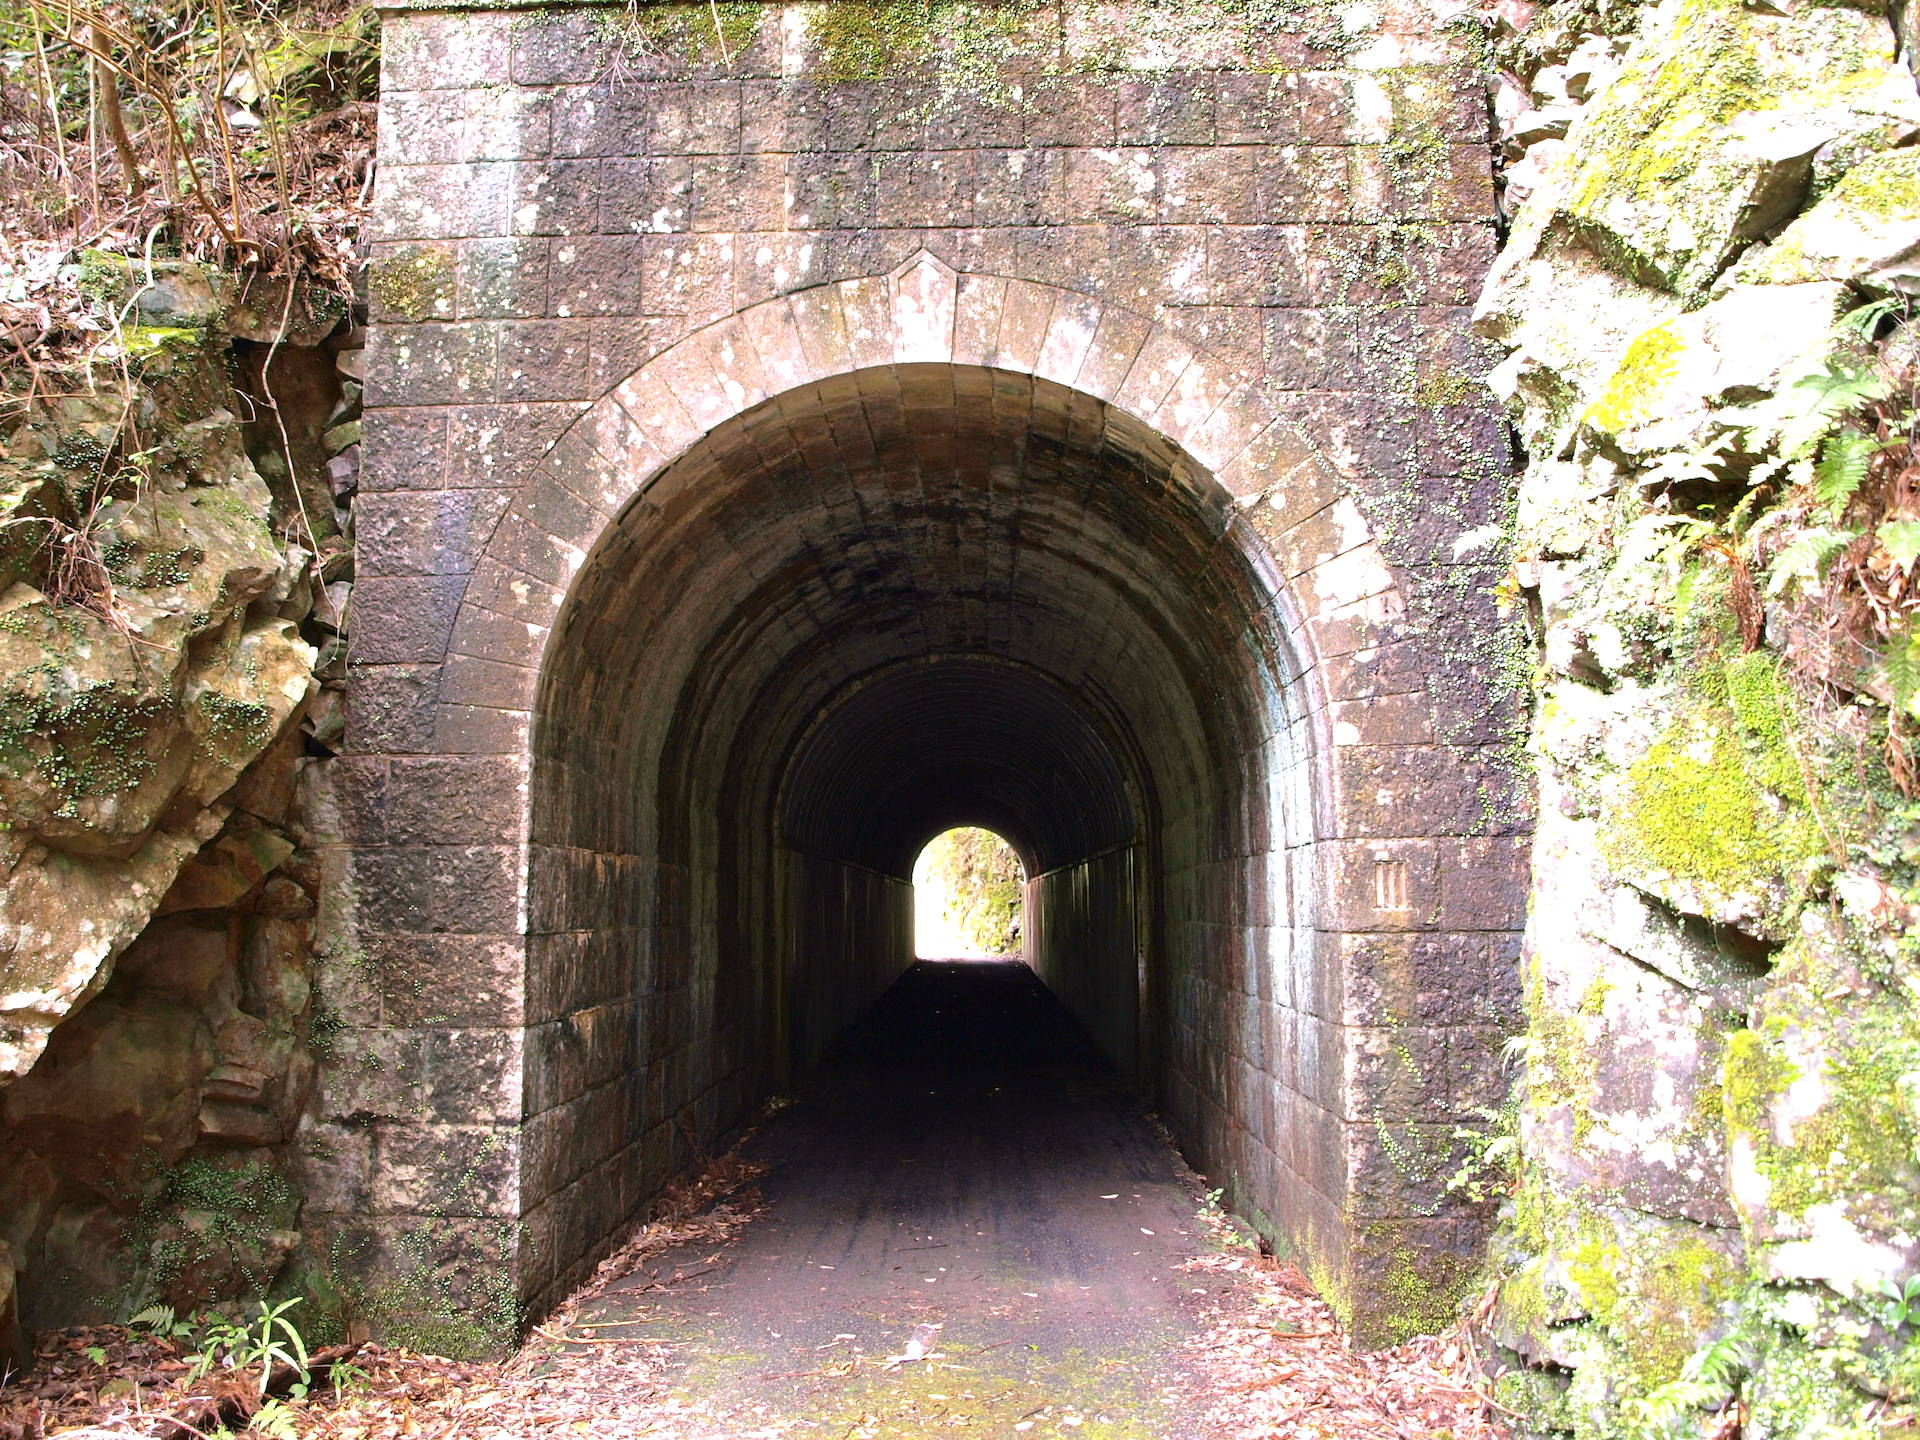 旧魚梁瀬森林鉄道施設・オオムカエ隧道